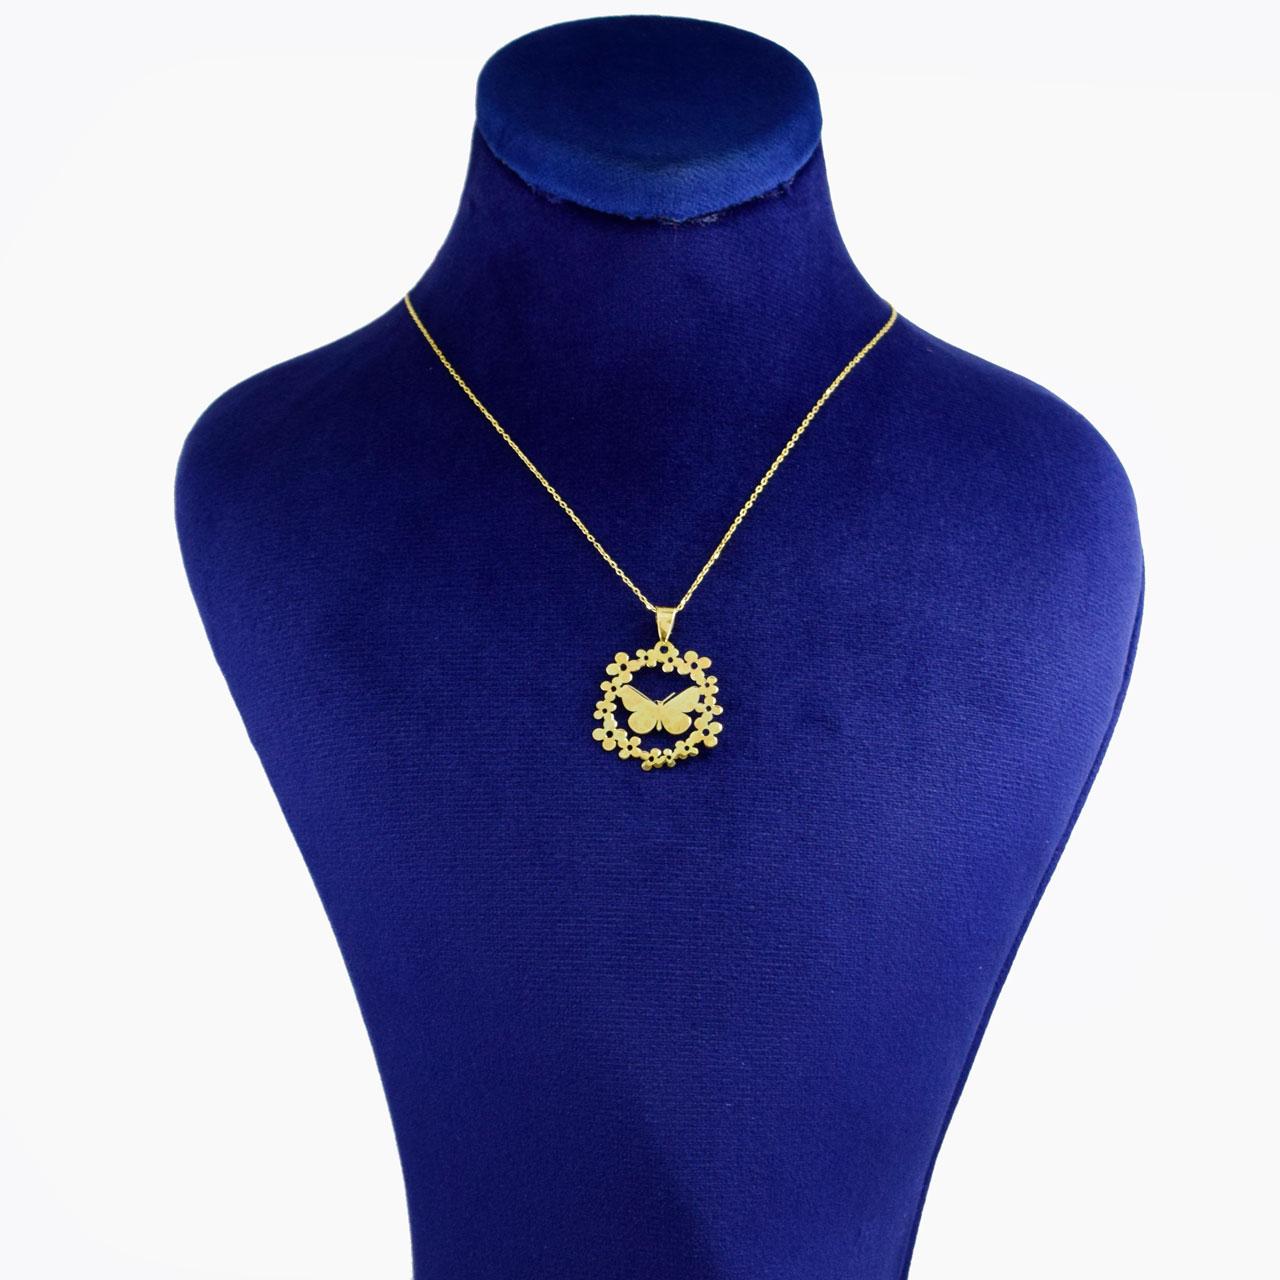 گردنبند طلا 18 عیار زنانه کانیار گالری طرح پروانه کد 6924